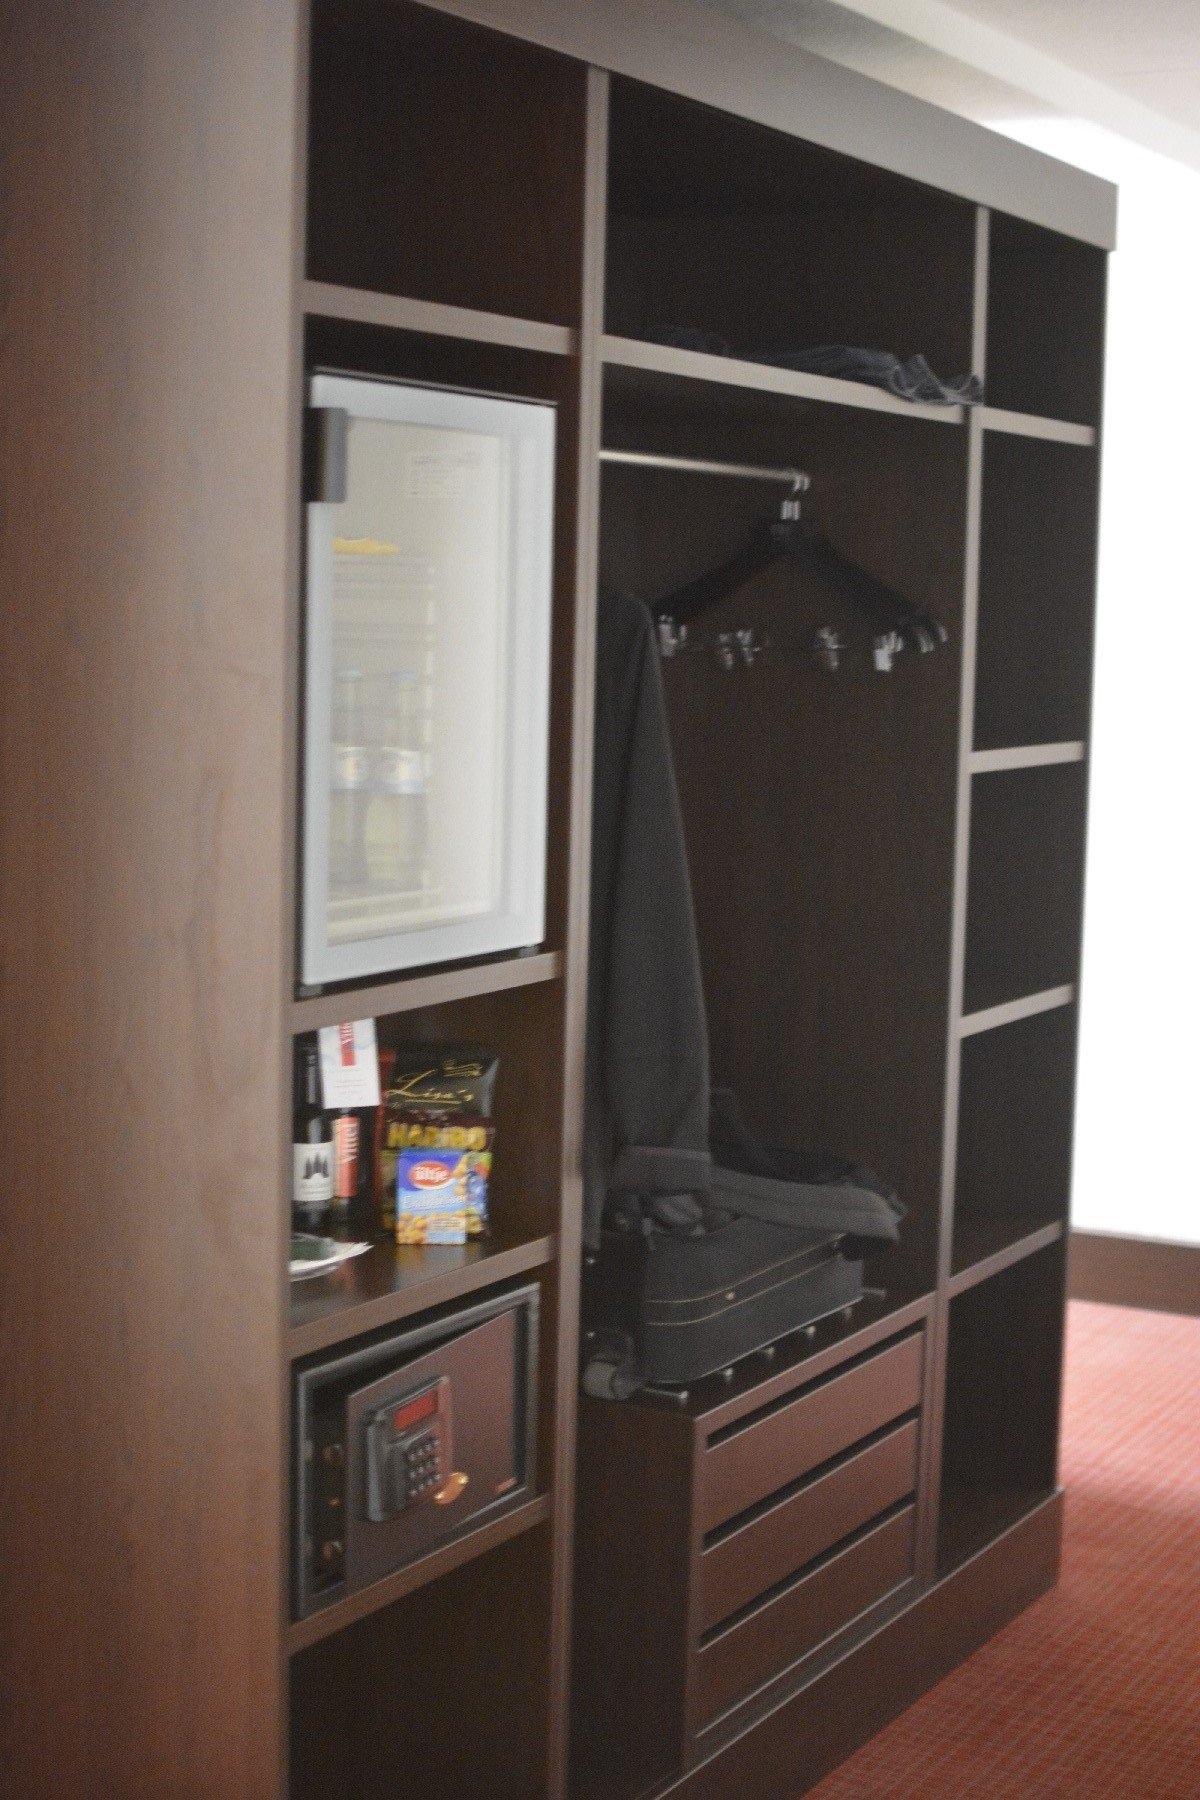 Schrankwand mit Ablagefläche, Minibar etc im NH Hotel Hamburg Mitte